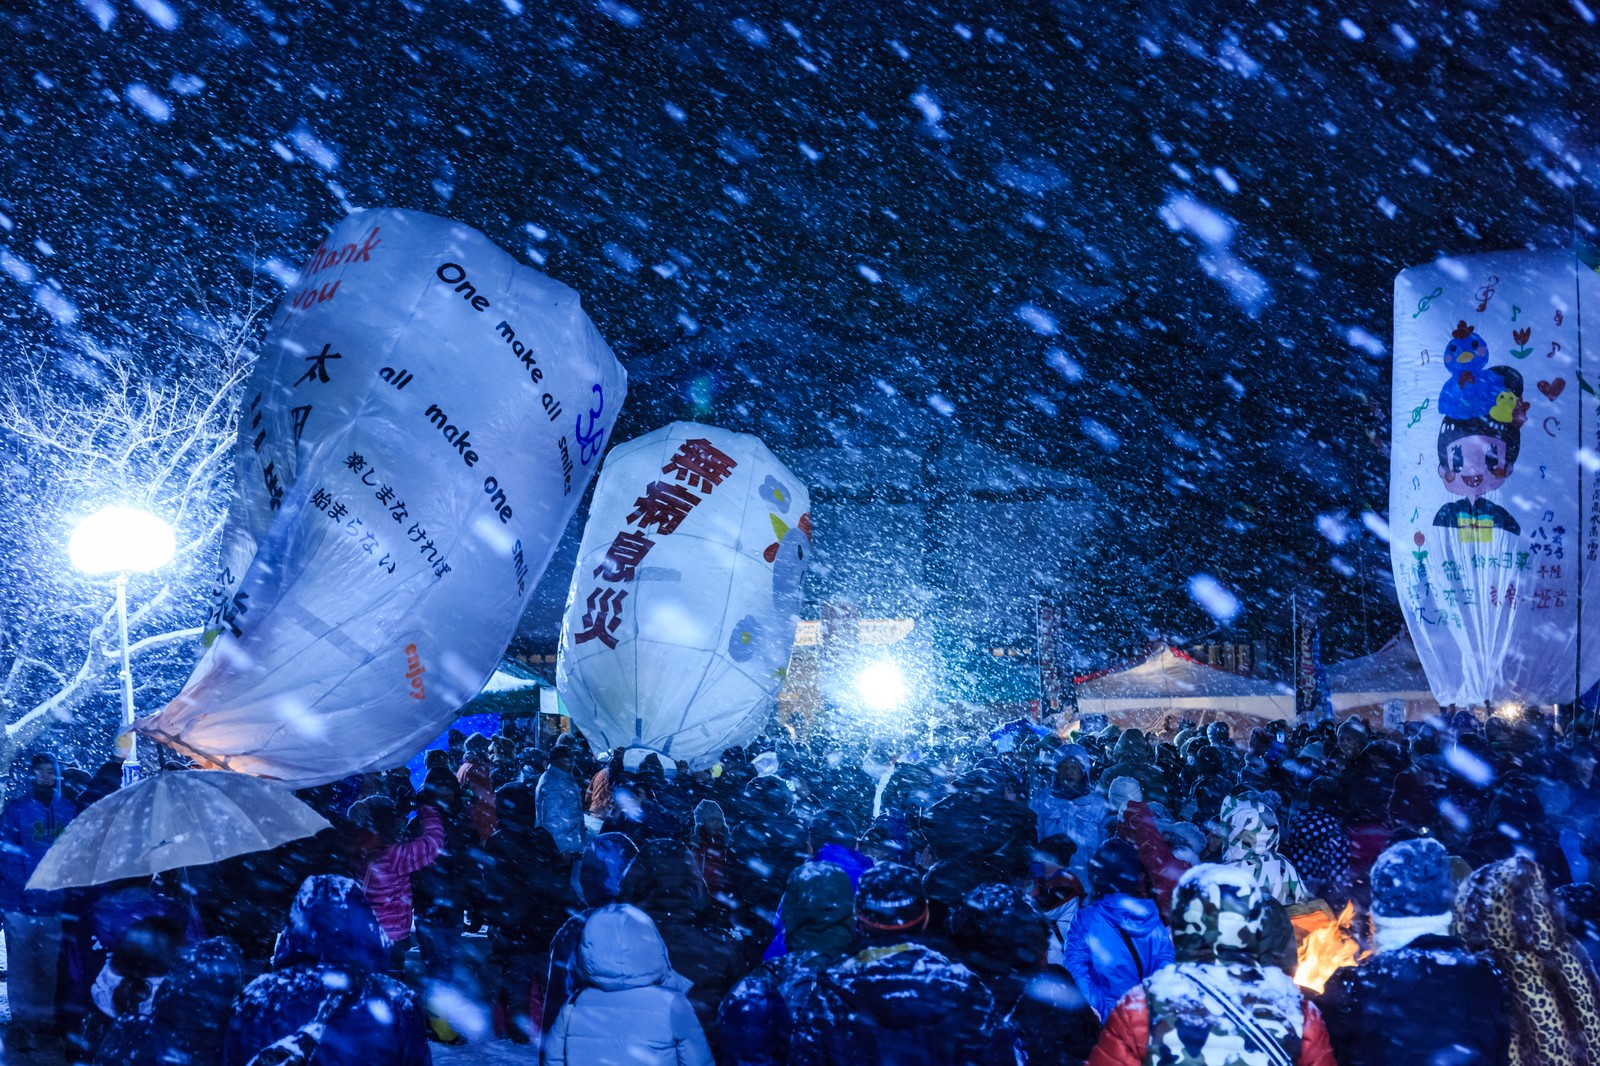 「大雪と人混みと紙風船」の写真